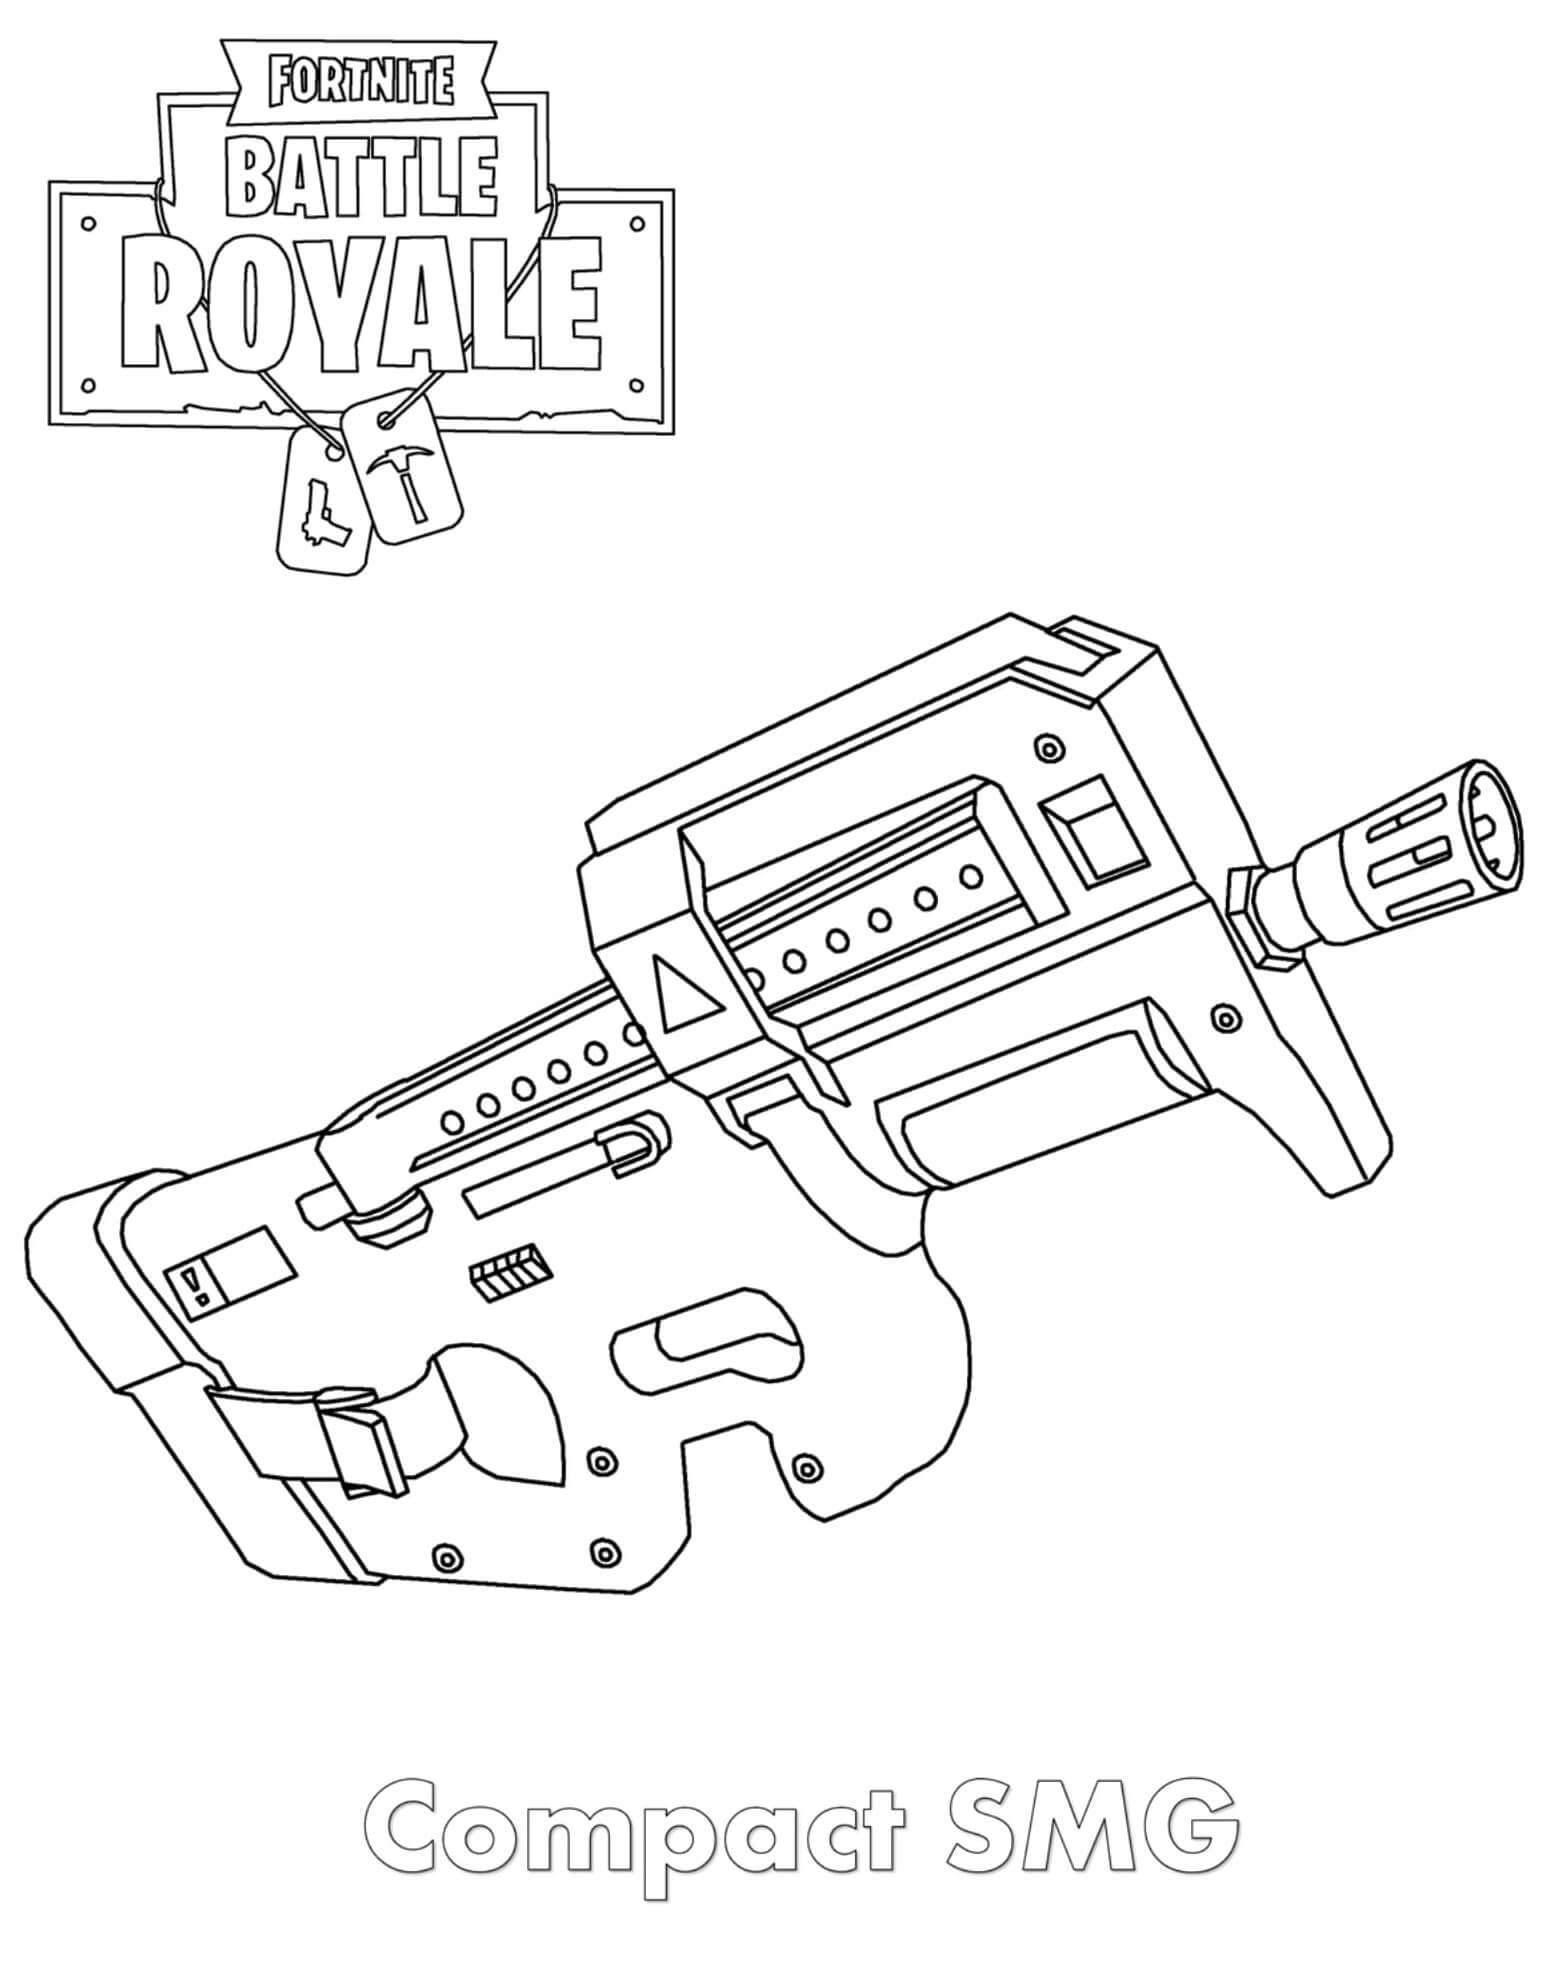 Easy Fortnite Drawings